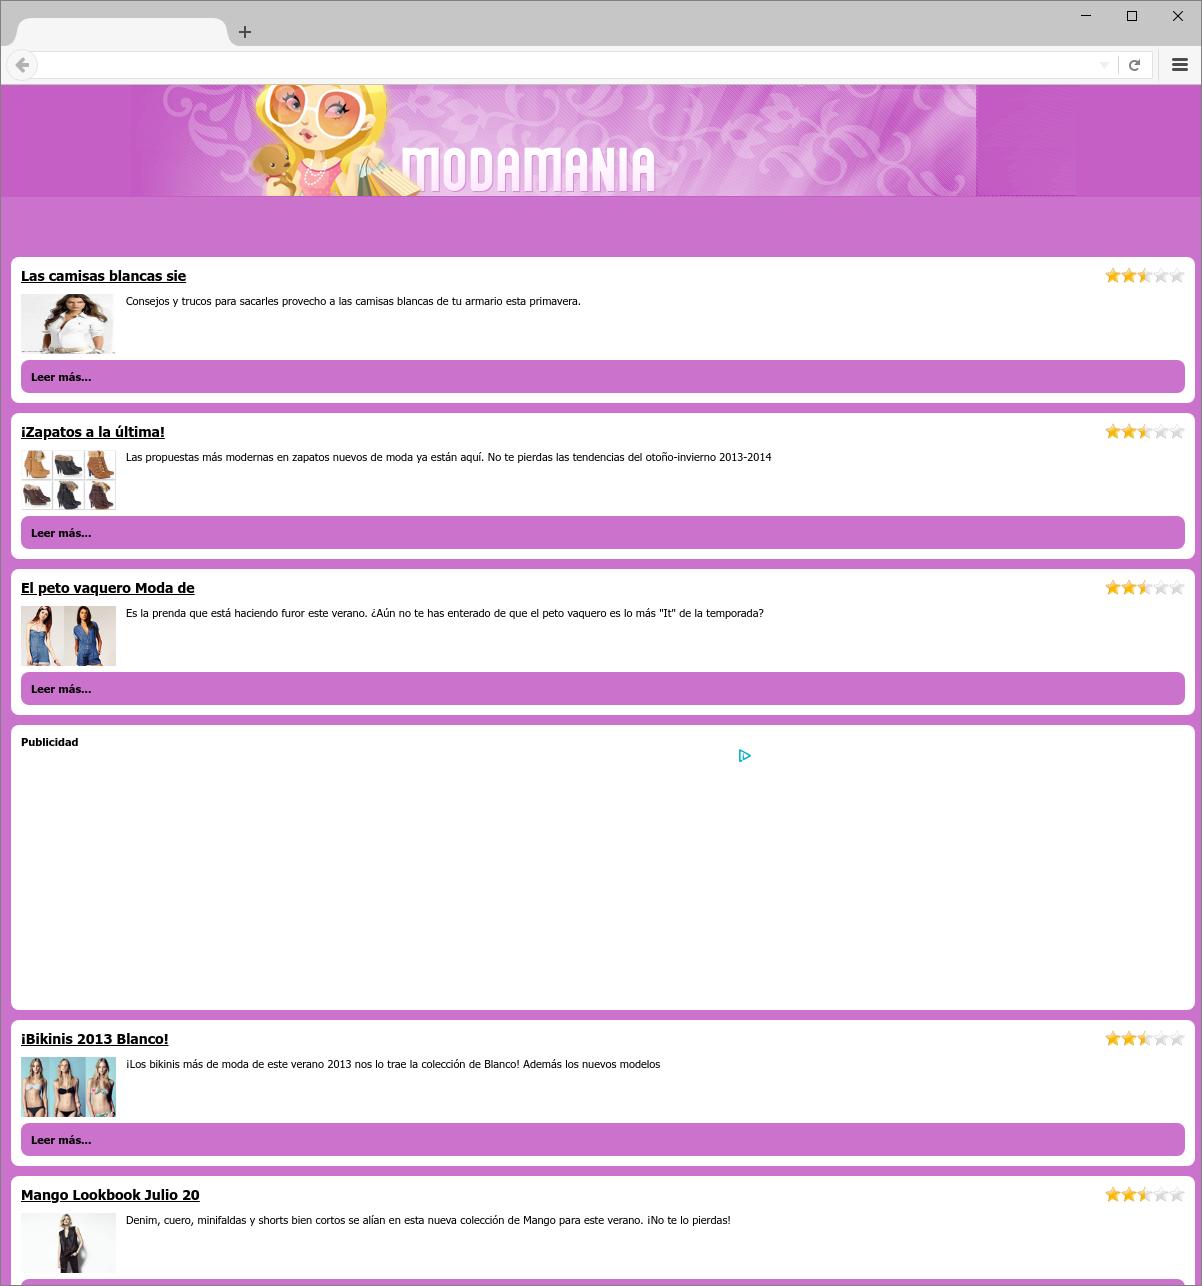 Modamania.es Adware